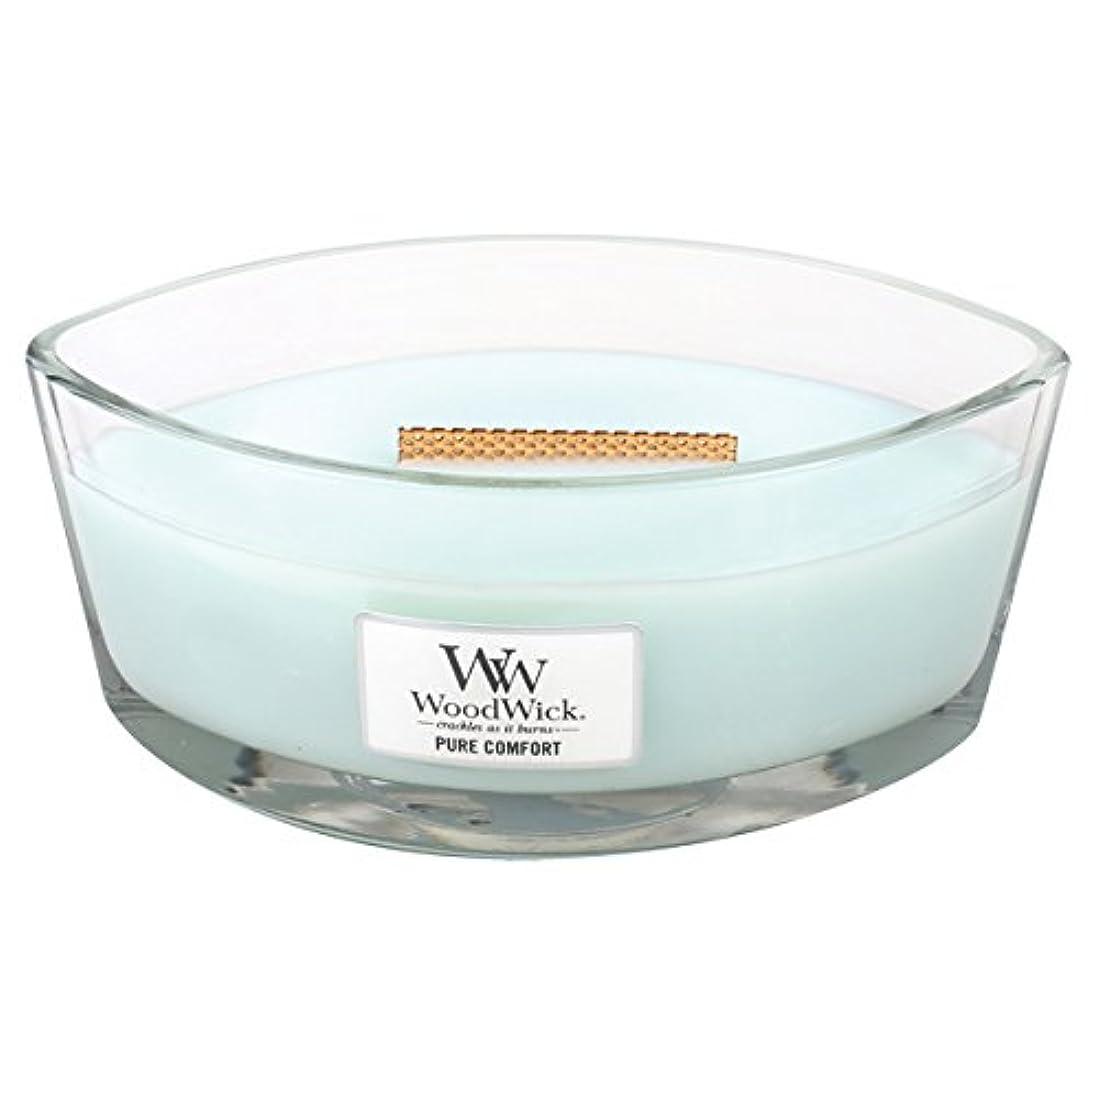 バター花瓶池Wood Wick ハースウィックL 「 ピュアコンフォート 」 キャンドル W940053027